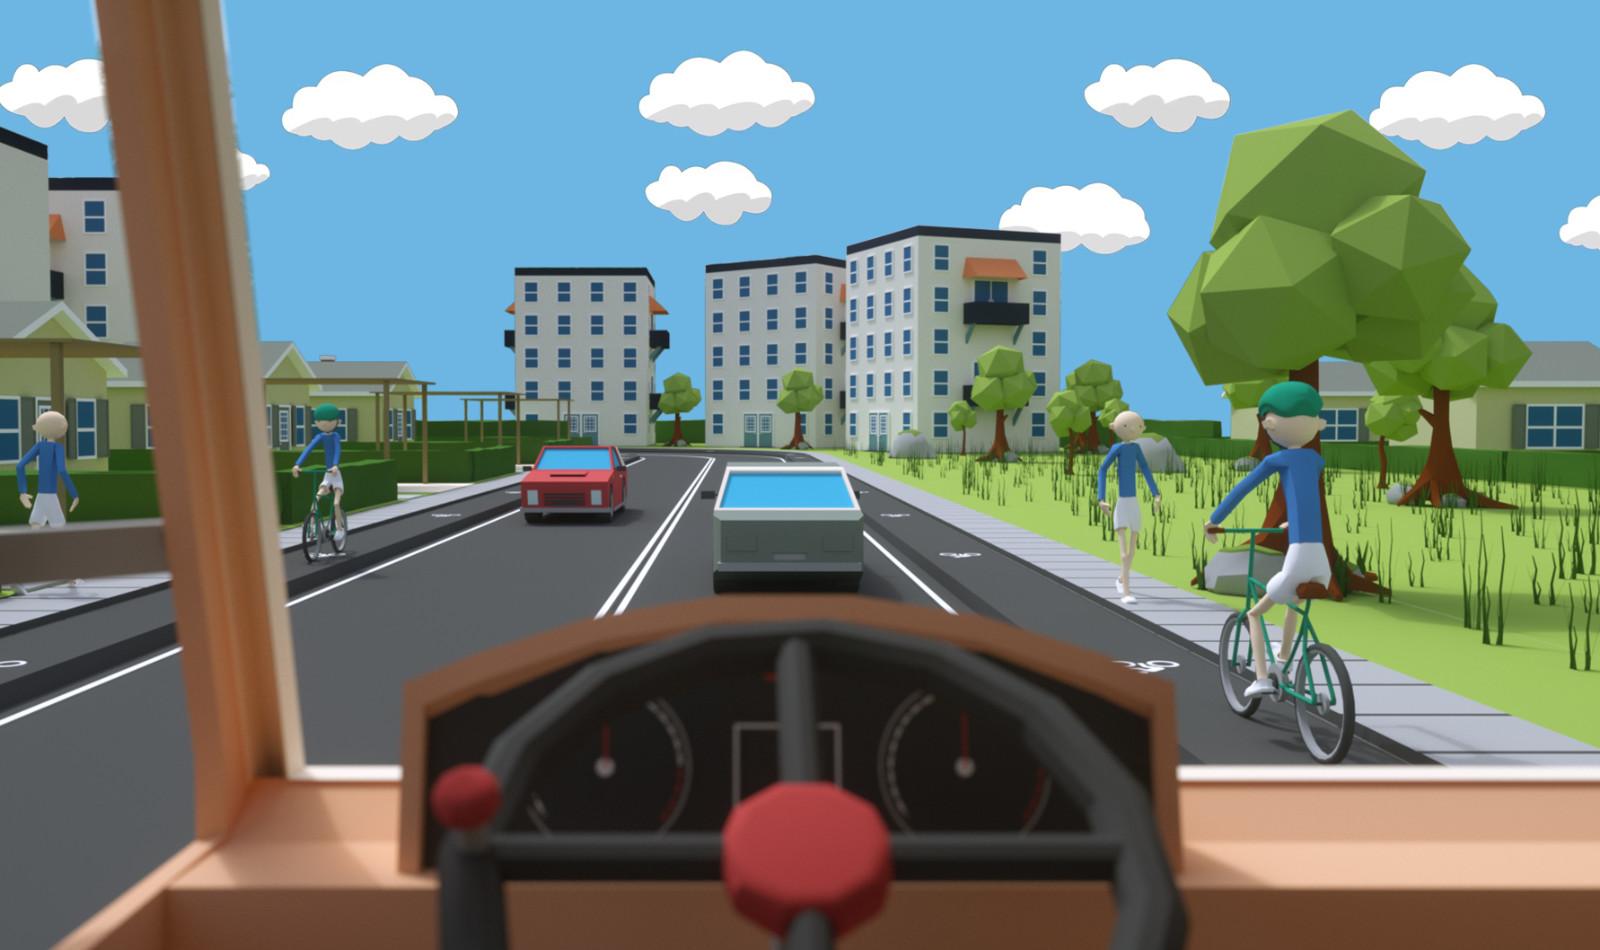 Sving Sikkert VR app developed in Unity for TUR